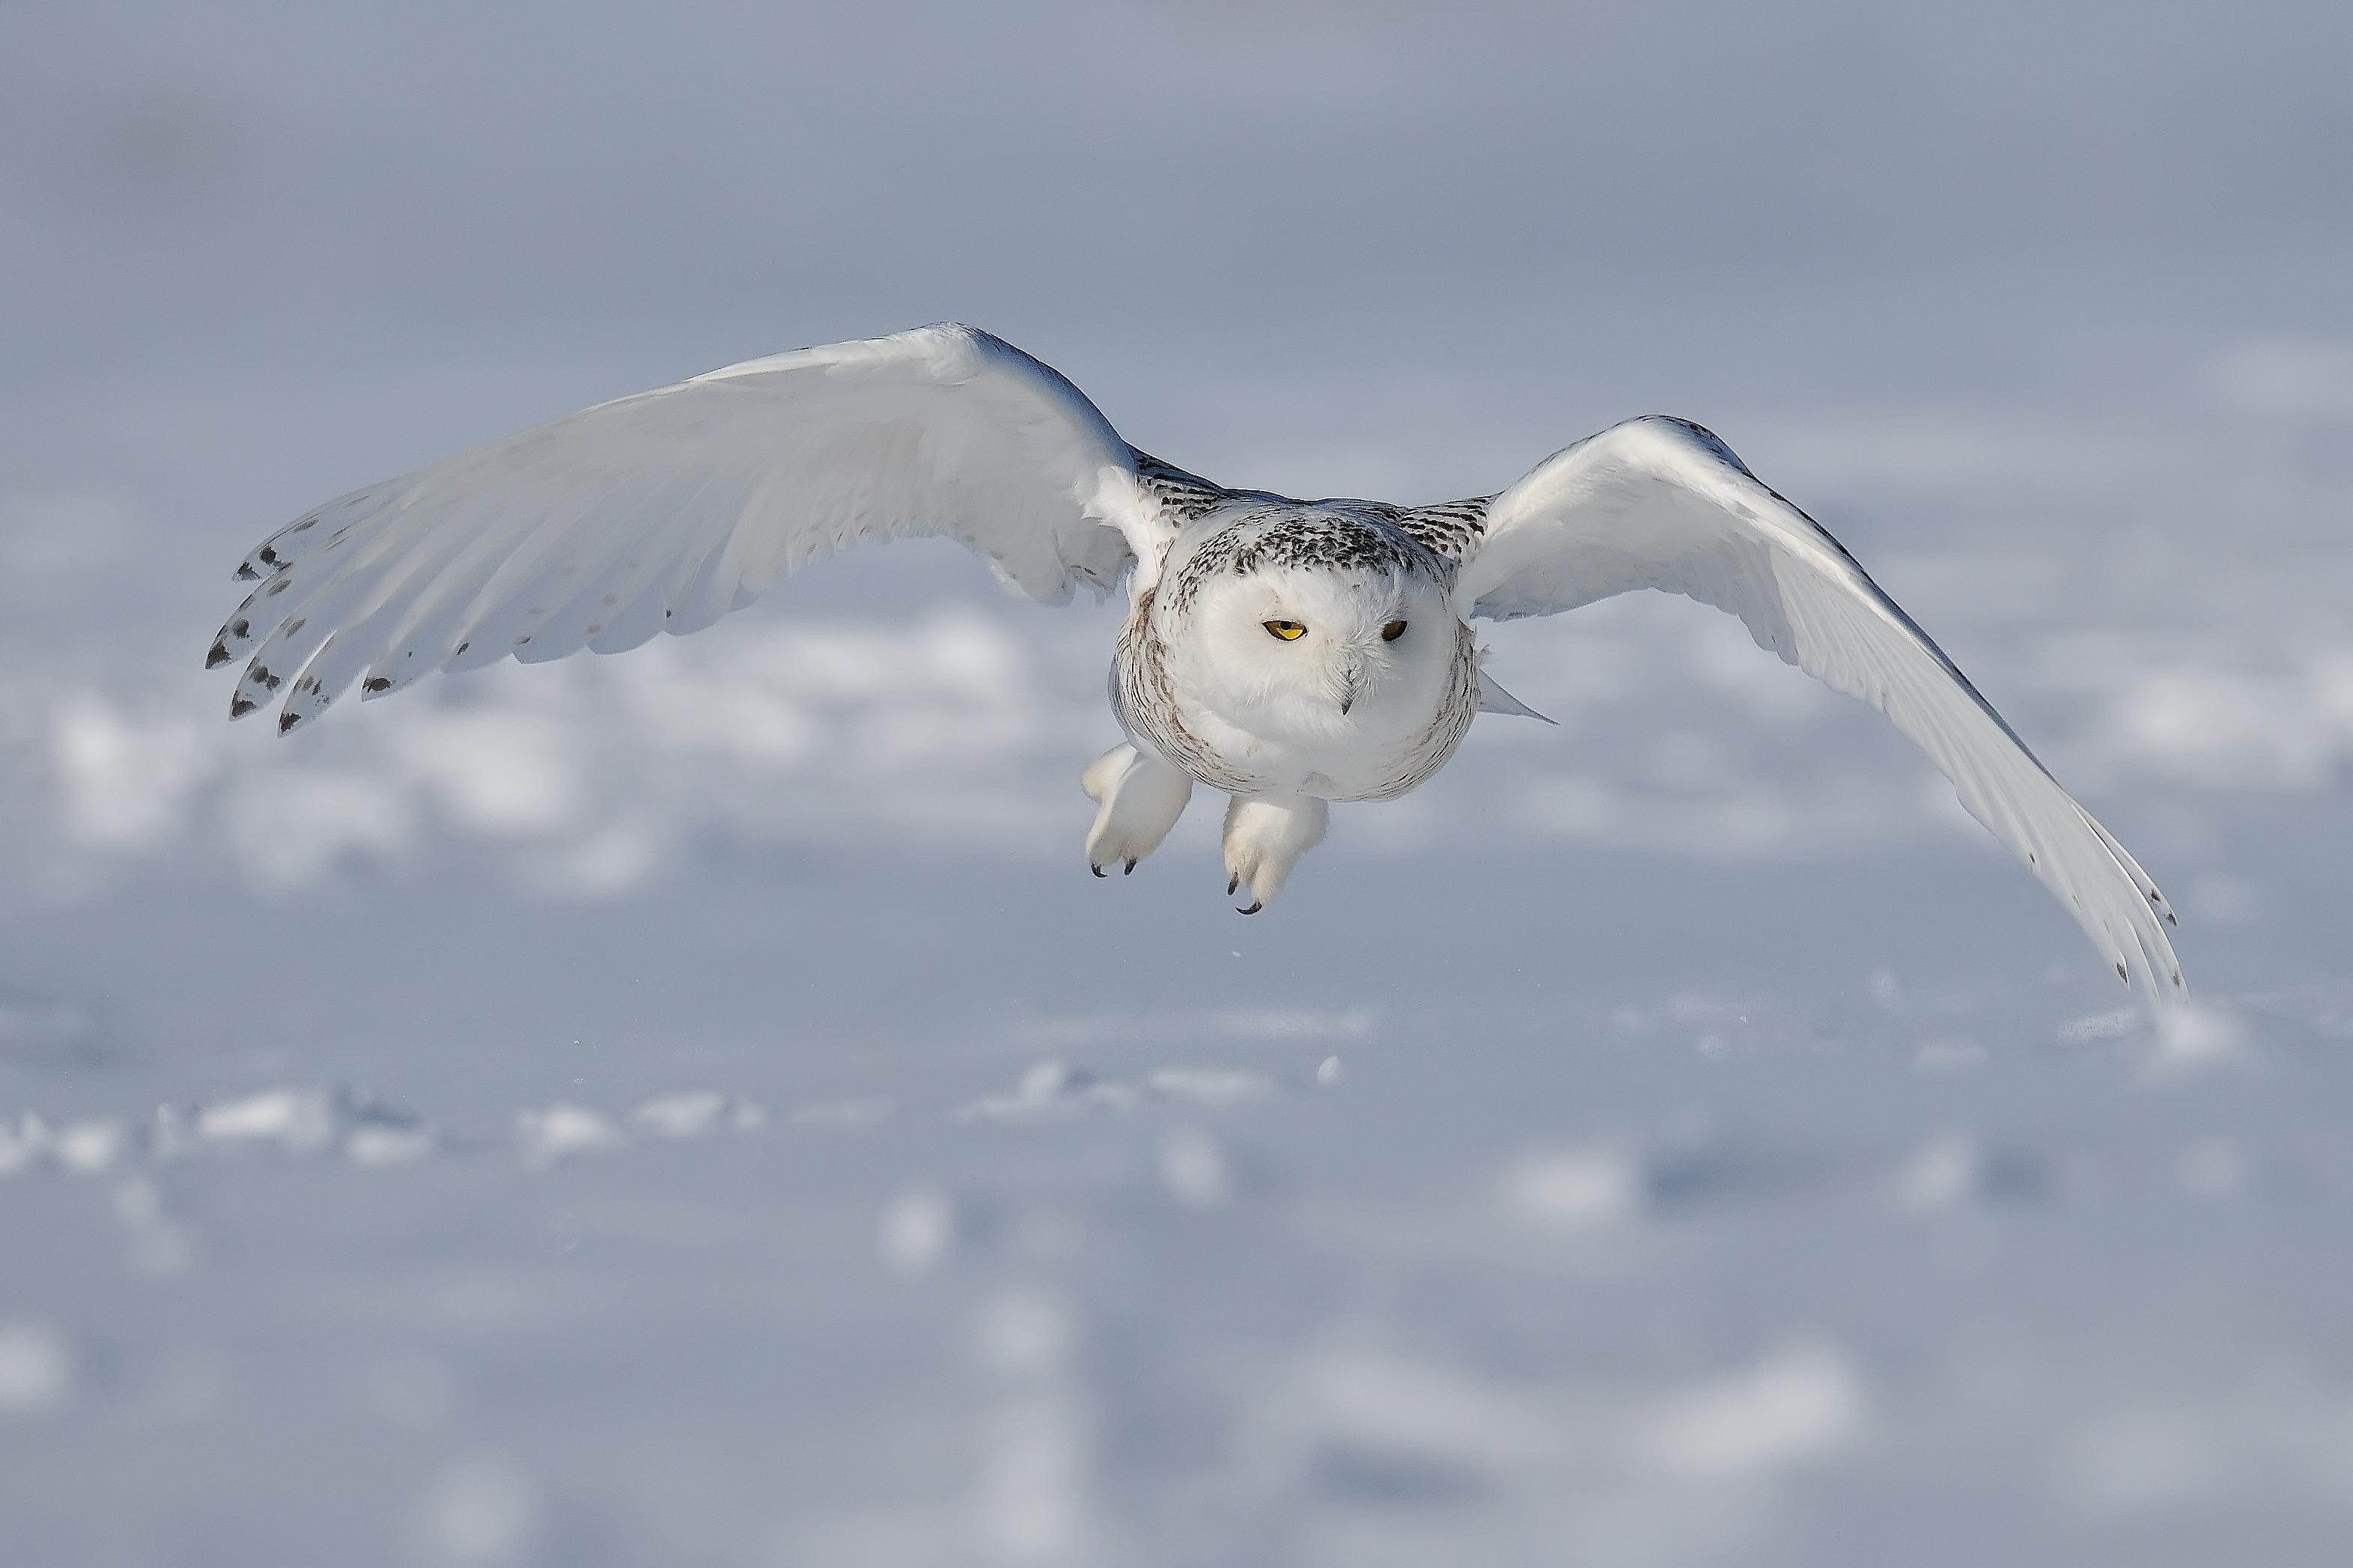 Snowy owl flying low in winter